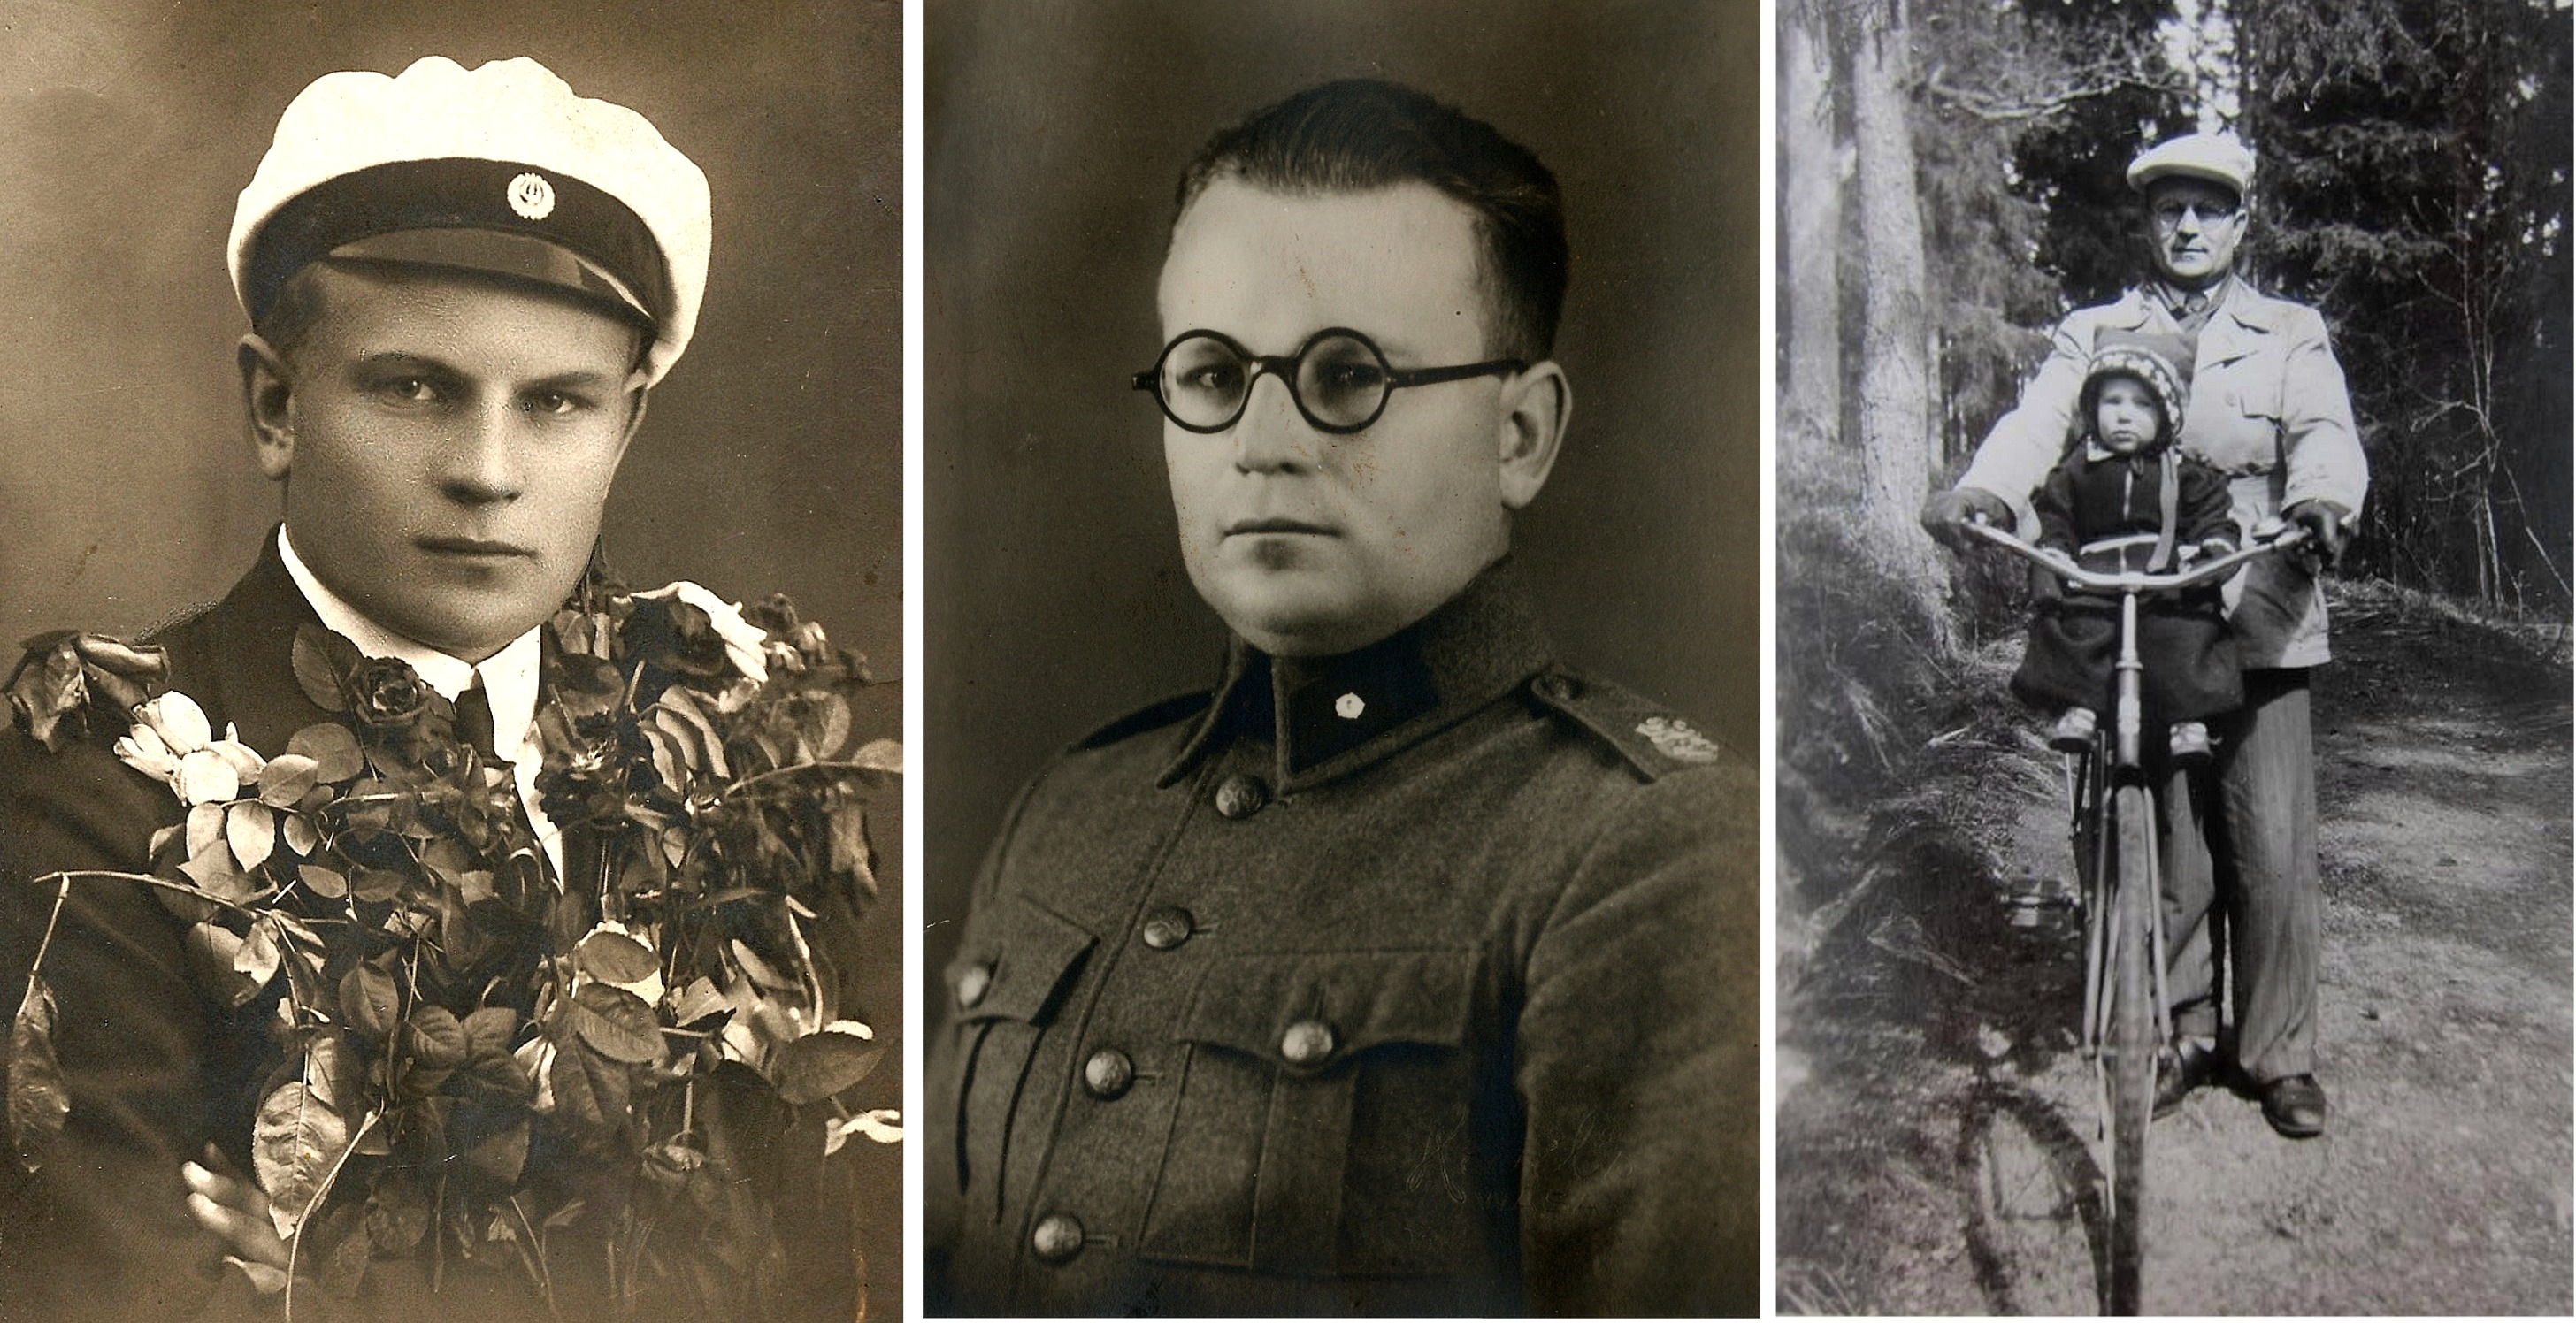 Här 3 foton av Bertel i olika livsskeden, först som student från samskolan i Kristinestad, sedan fänrik i militären och till höger som pappa.